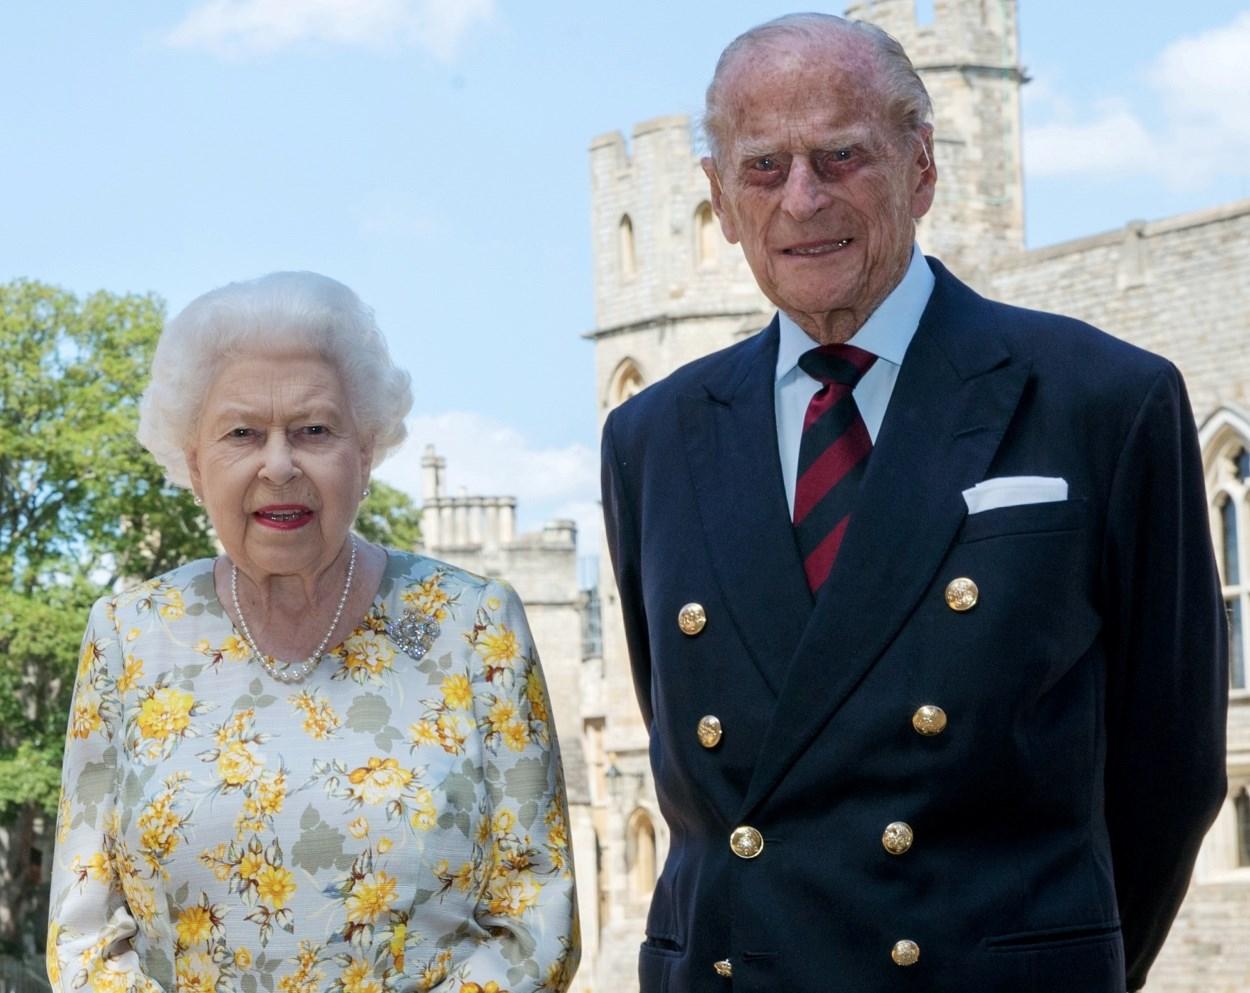 Πέθανε ο πρίγκιπας Φίλιππος σε ηλικία 99 ετών   orthodoxia.online   πριγκηπασ φιλιπποσ   πεθανε   ΚΟΣΜΟΣ   orthodoxia.online